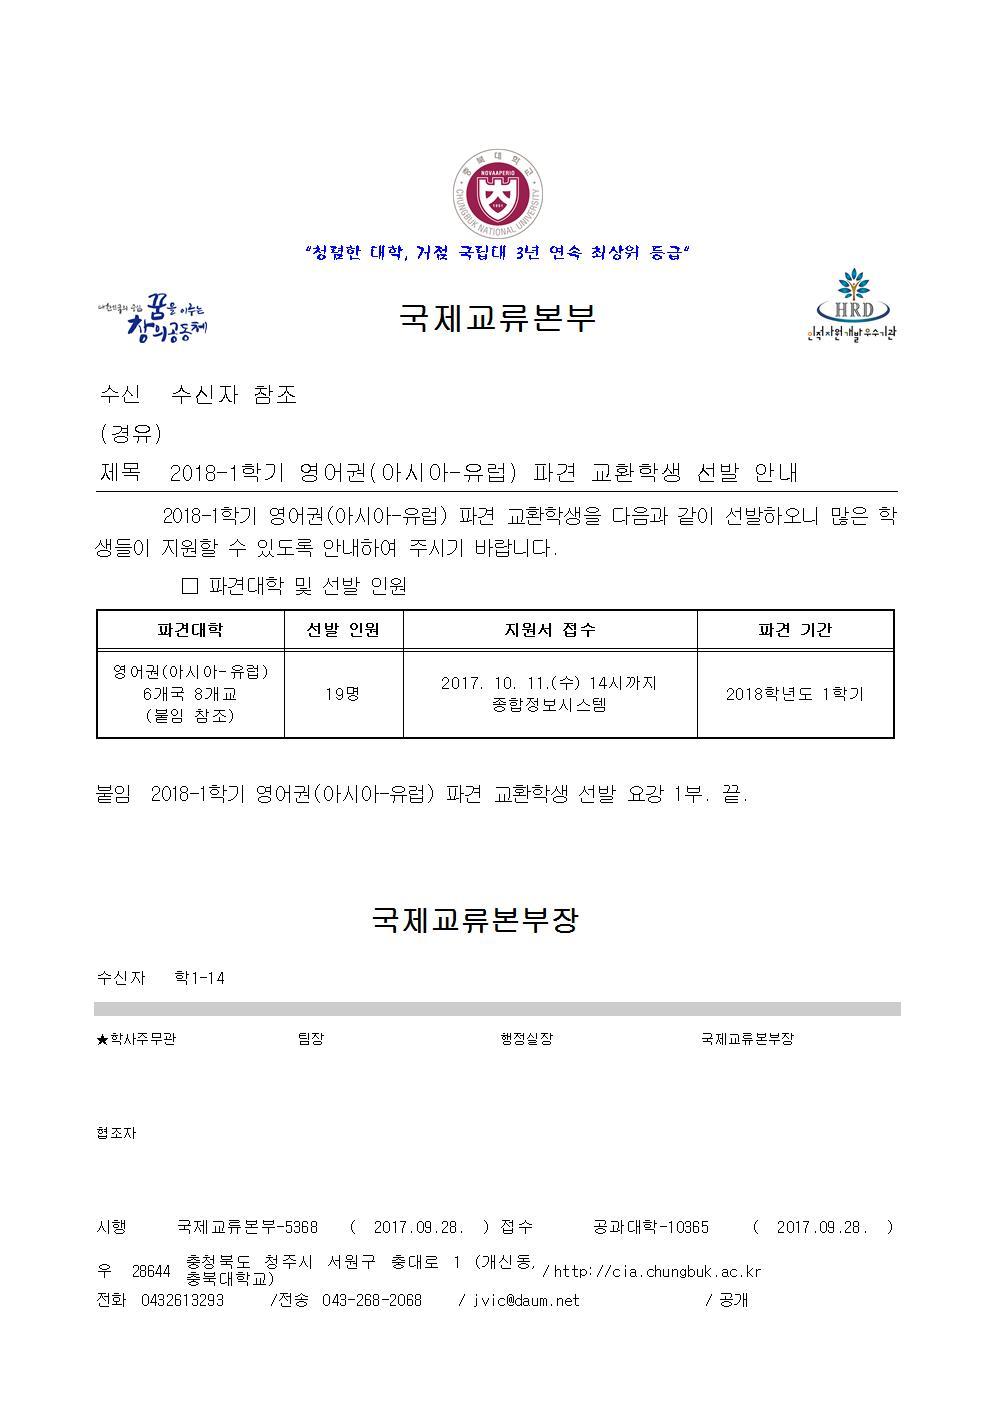 2018-1학기 영어권(아시아-유럽) 파견 교환학생 선발 안내001.jpg